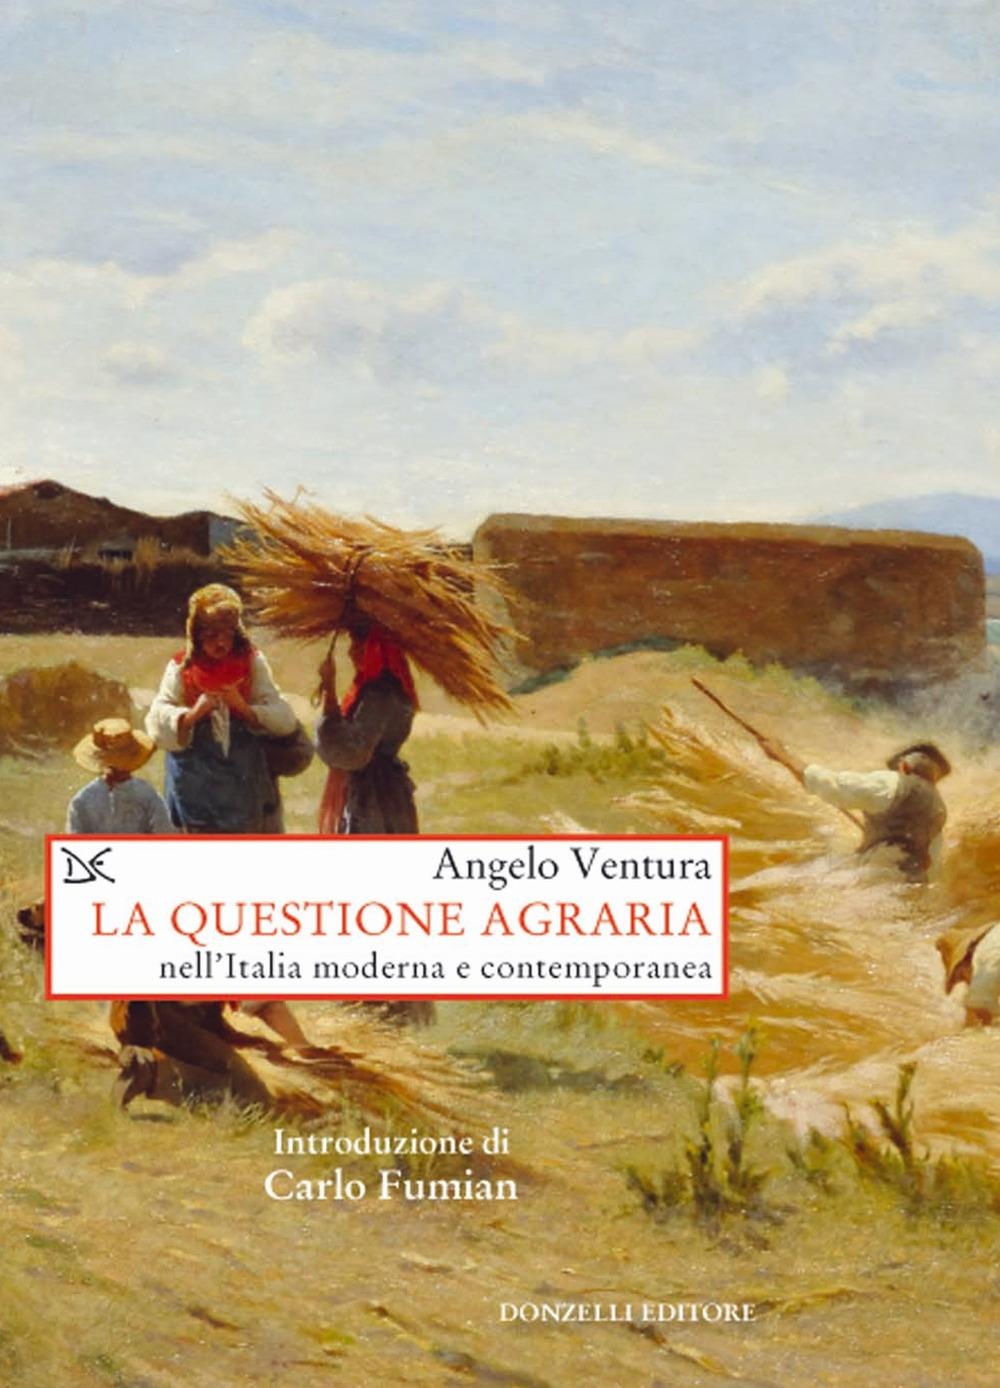 La questione agraria nell'Italia moderna e contemporanea